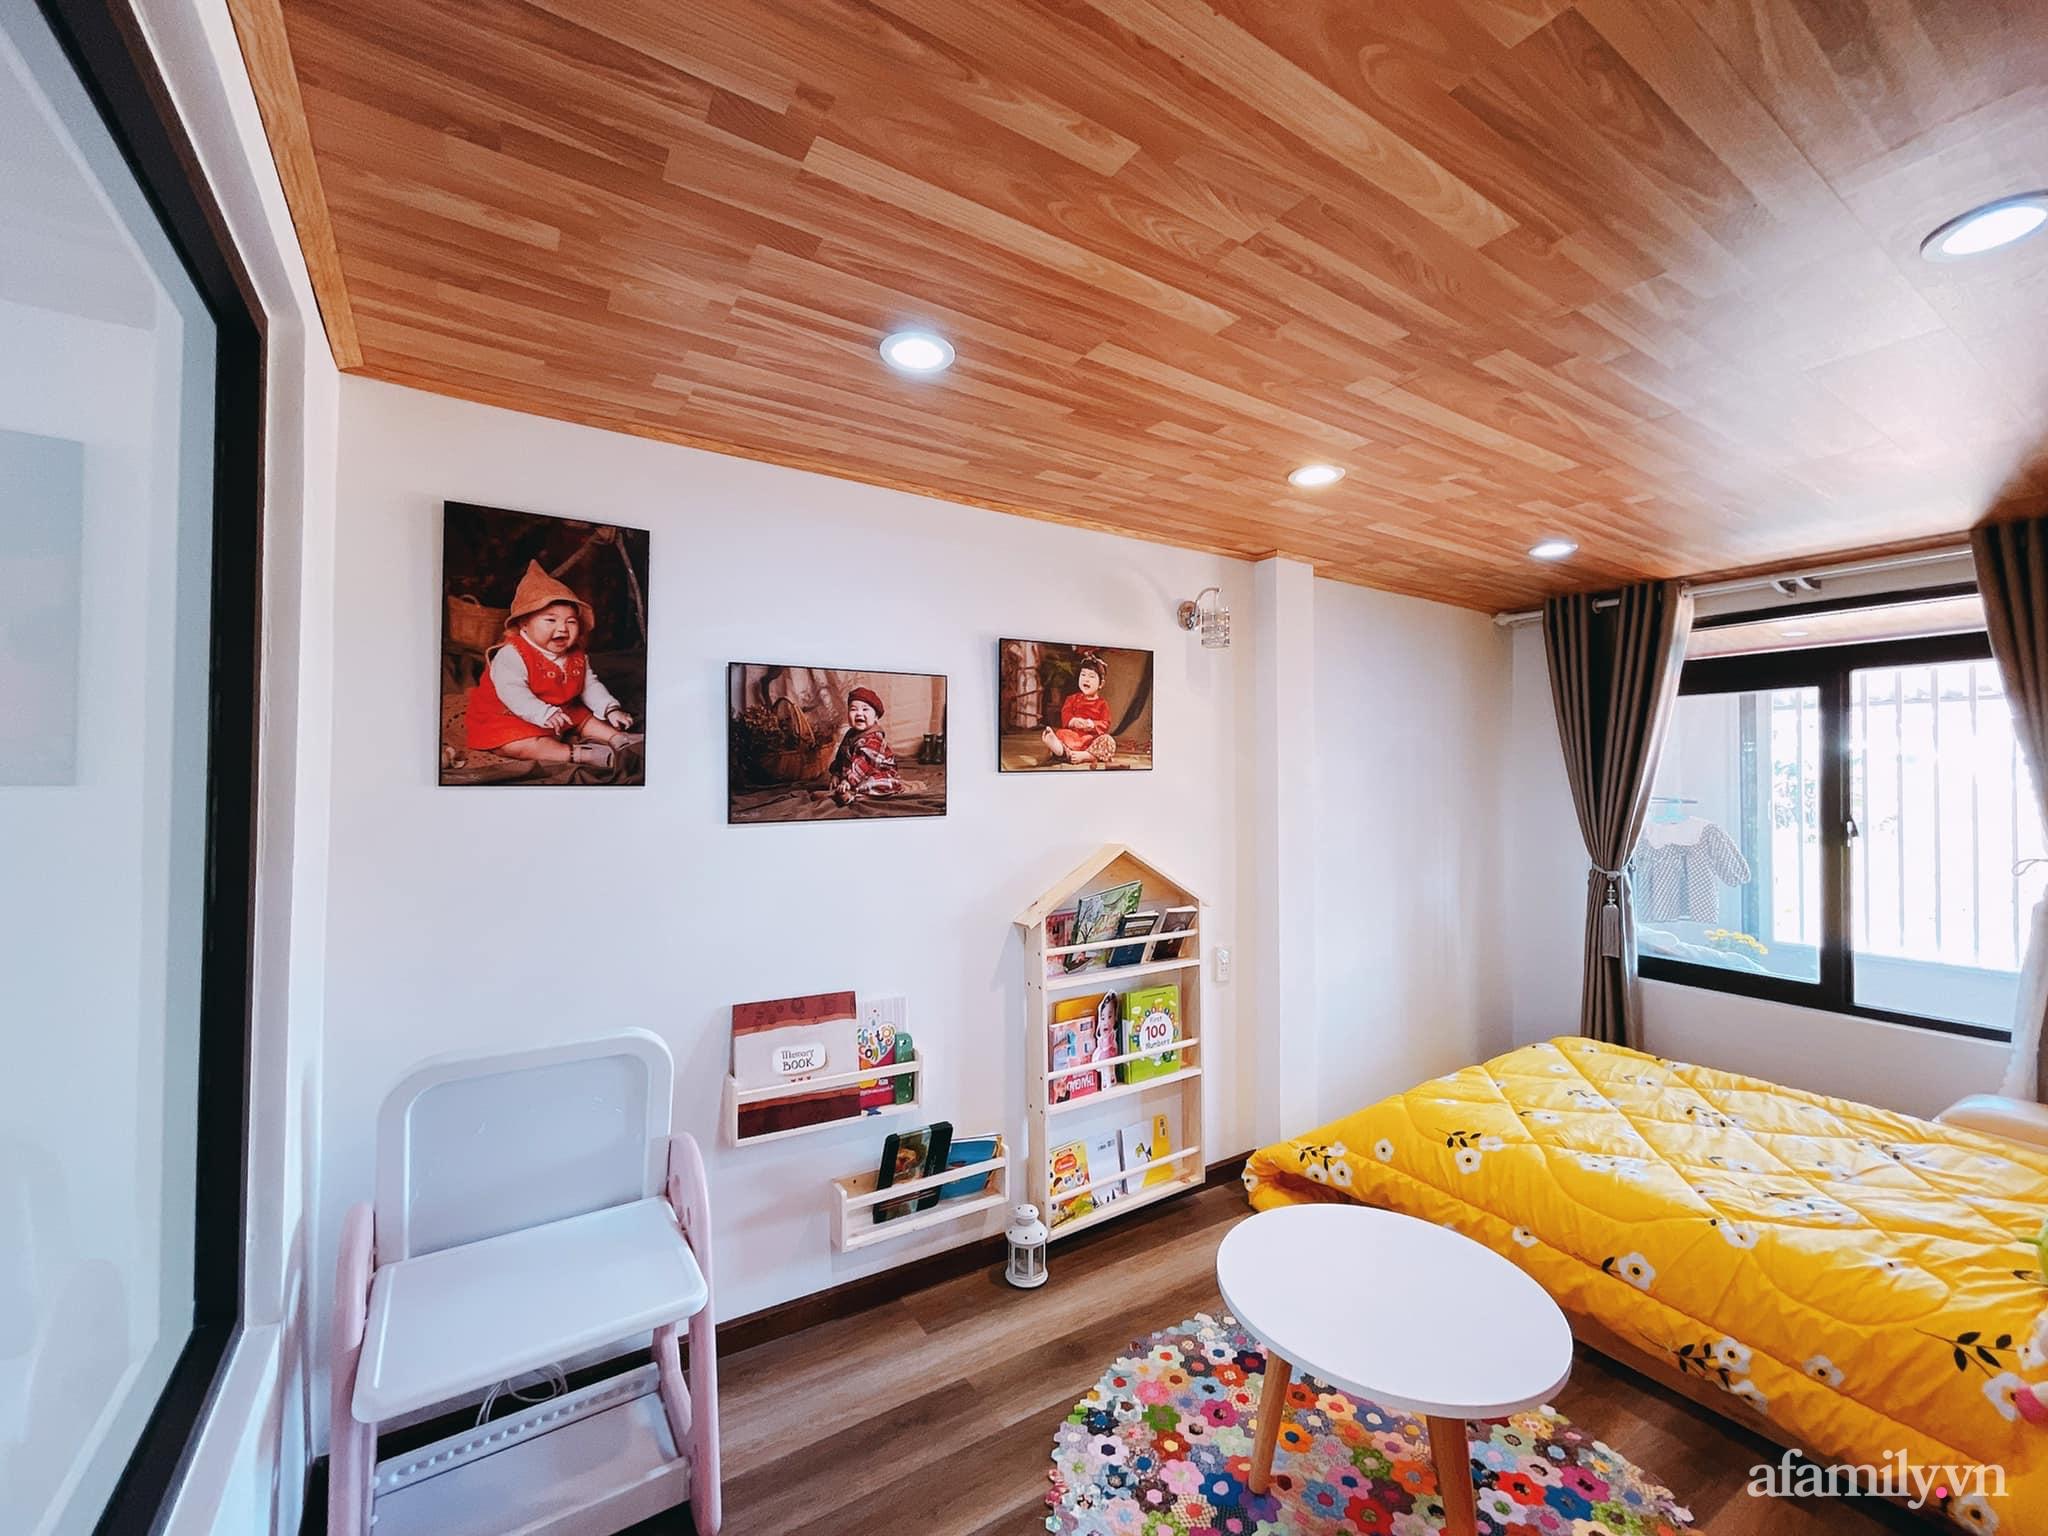 Mua lại căn nhà 63m², cặp vợ chồng trẻ cải tạo thành không gian sống ấm cúng, tiện nghi đủ đường ở Đà Lạt - Ảnh 24.